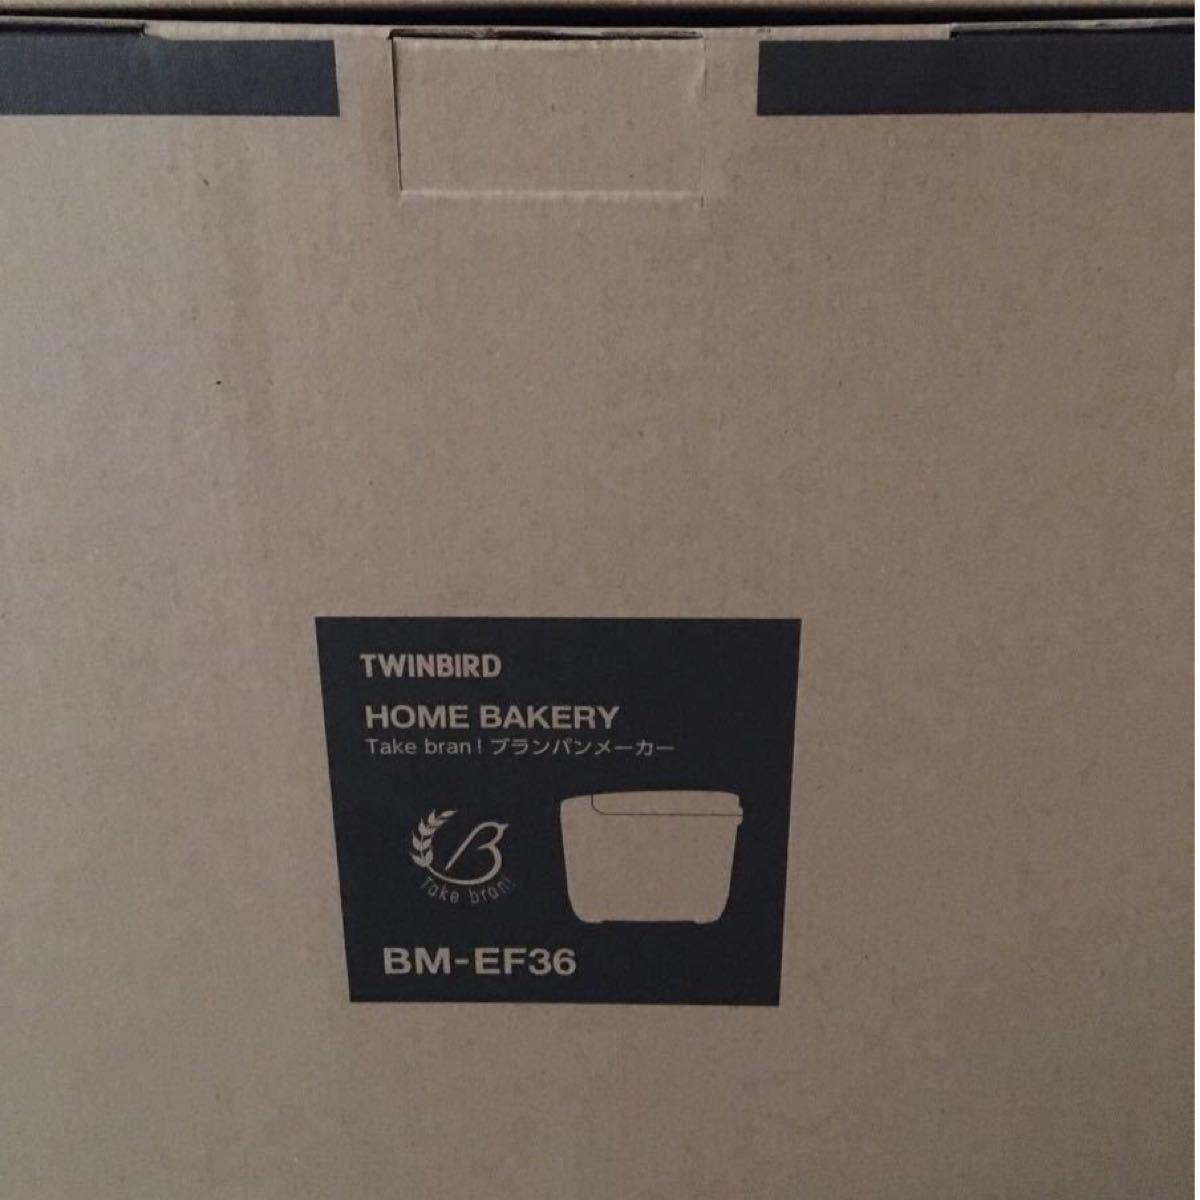 ホームベーカリー ブランパンメーカー BM-EF36W